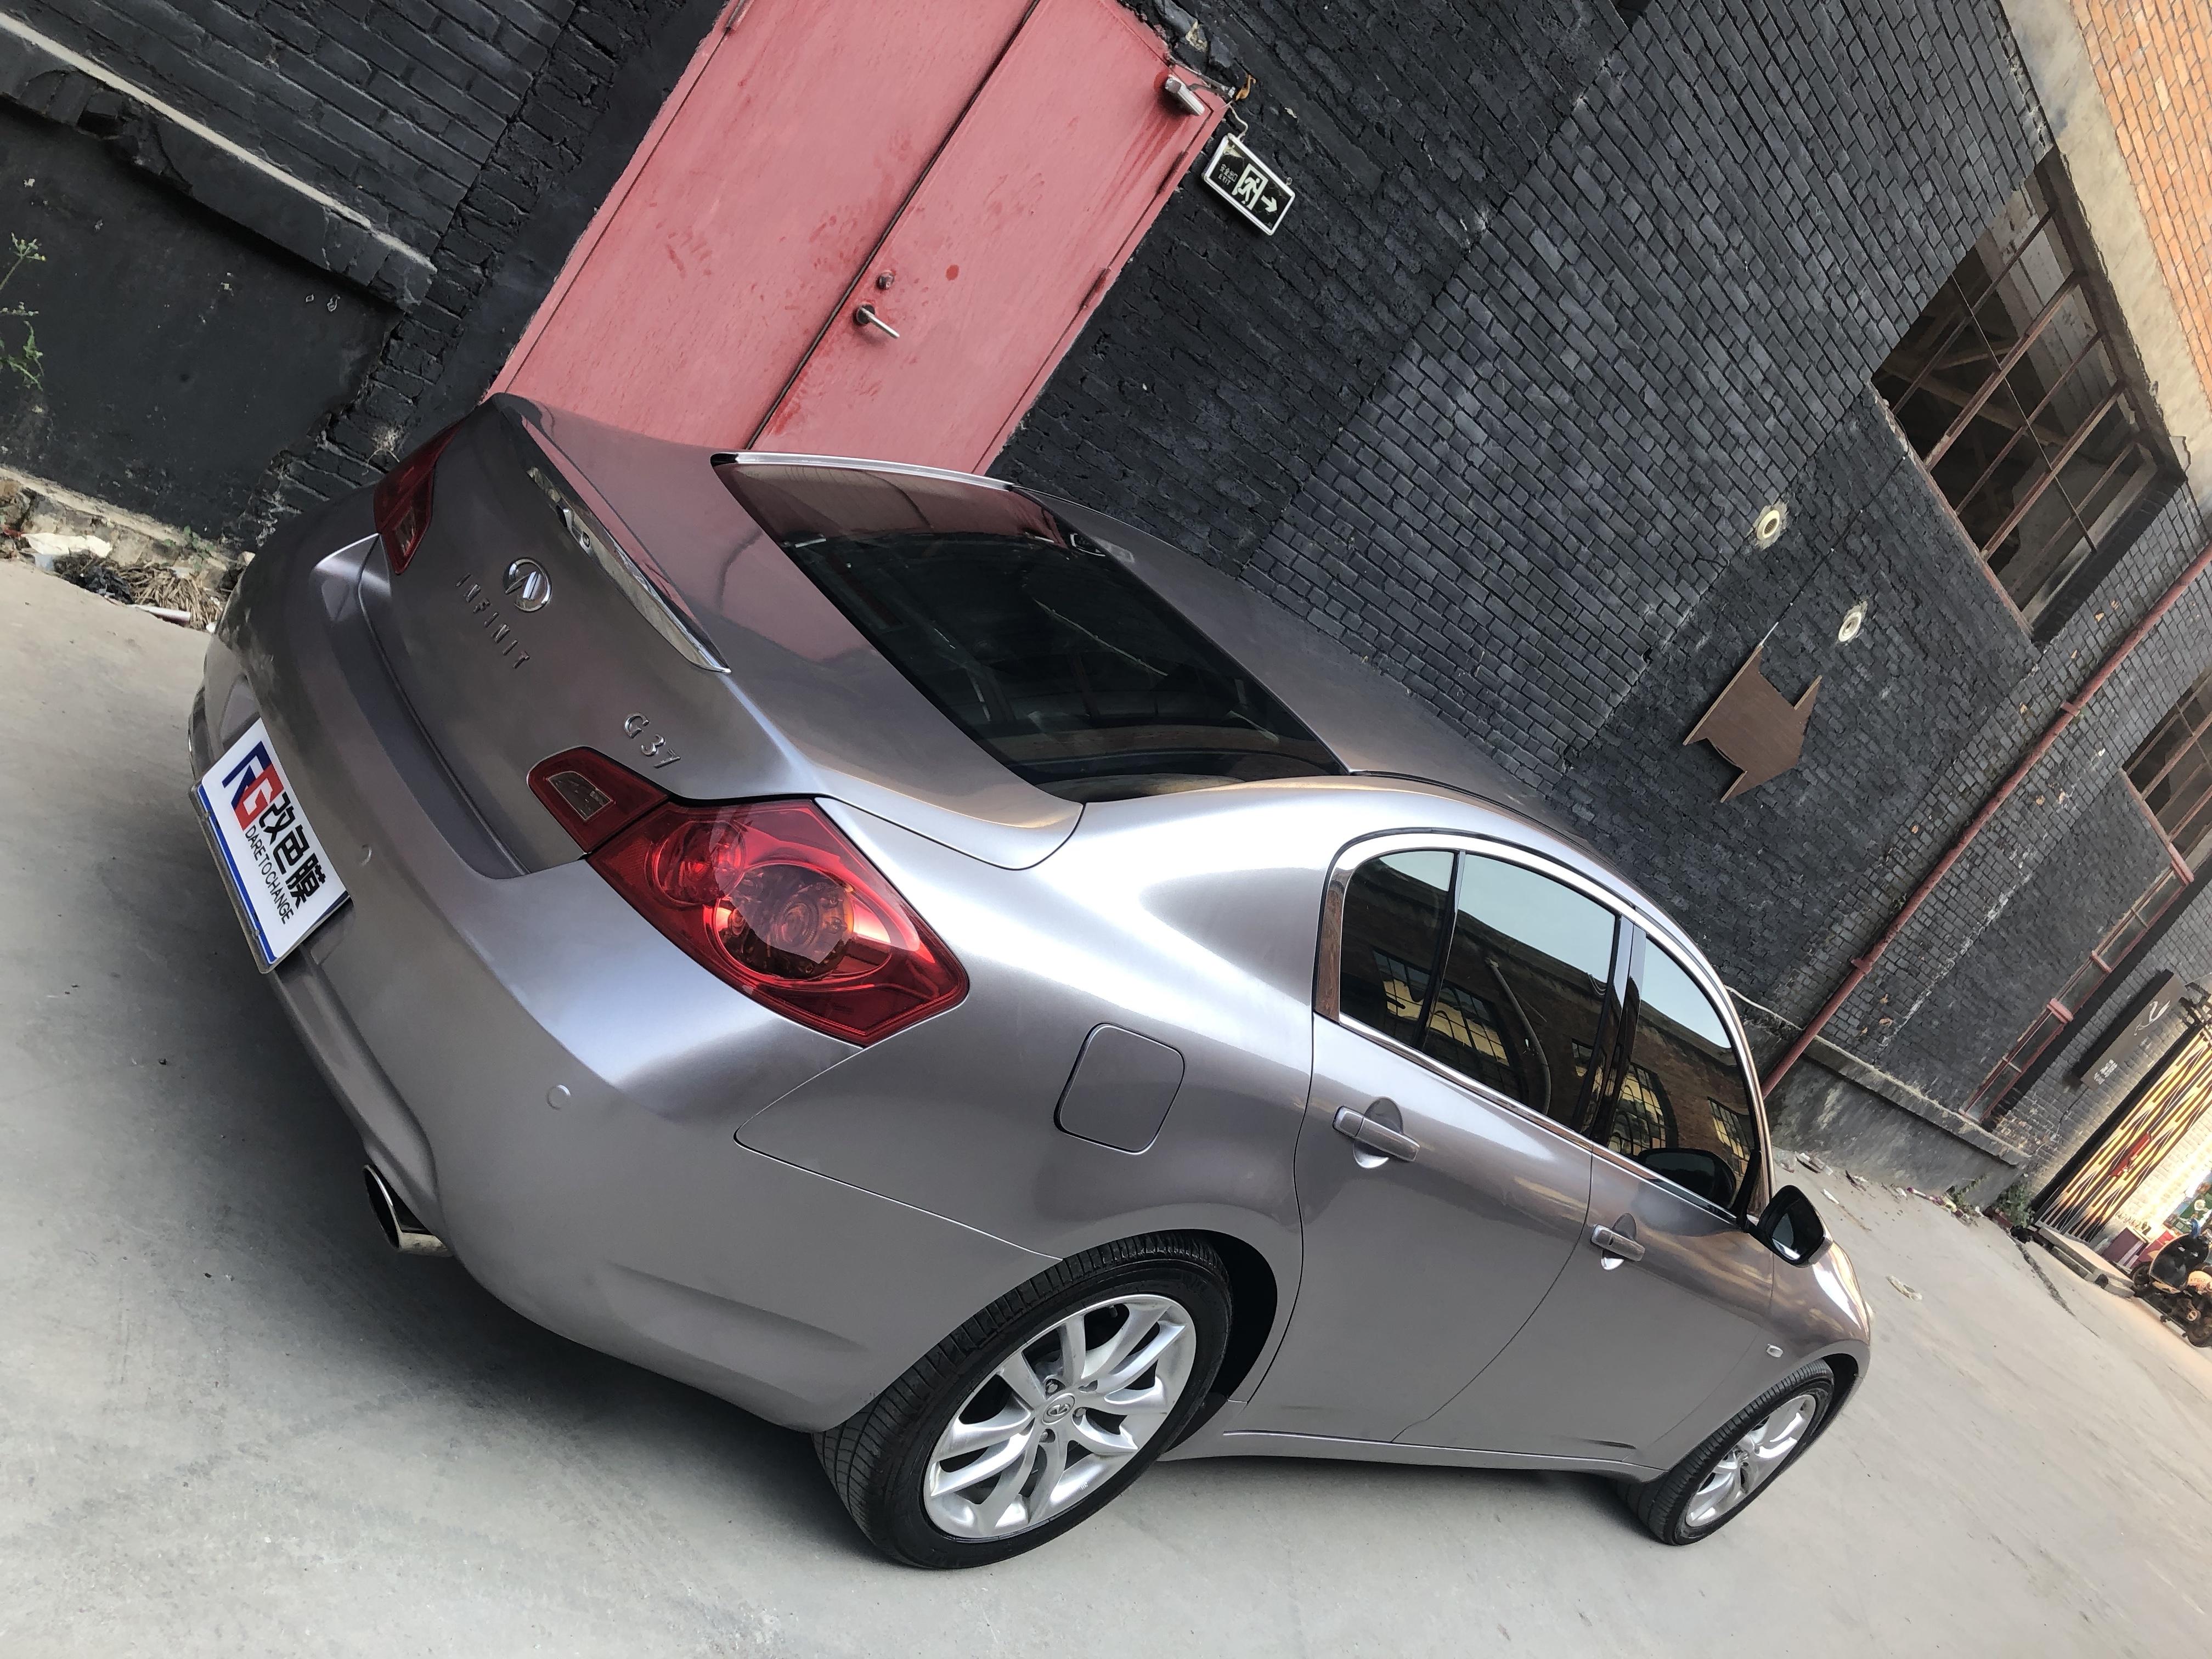 英菲尼迪G37车身改色金属铝案例